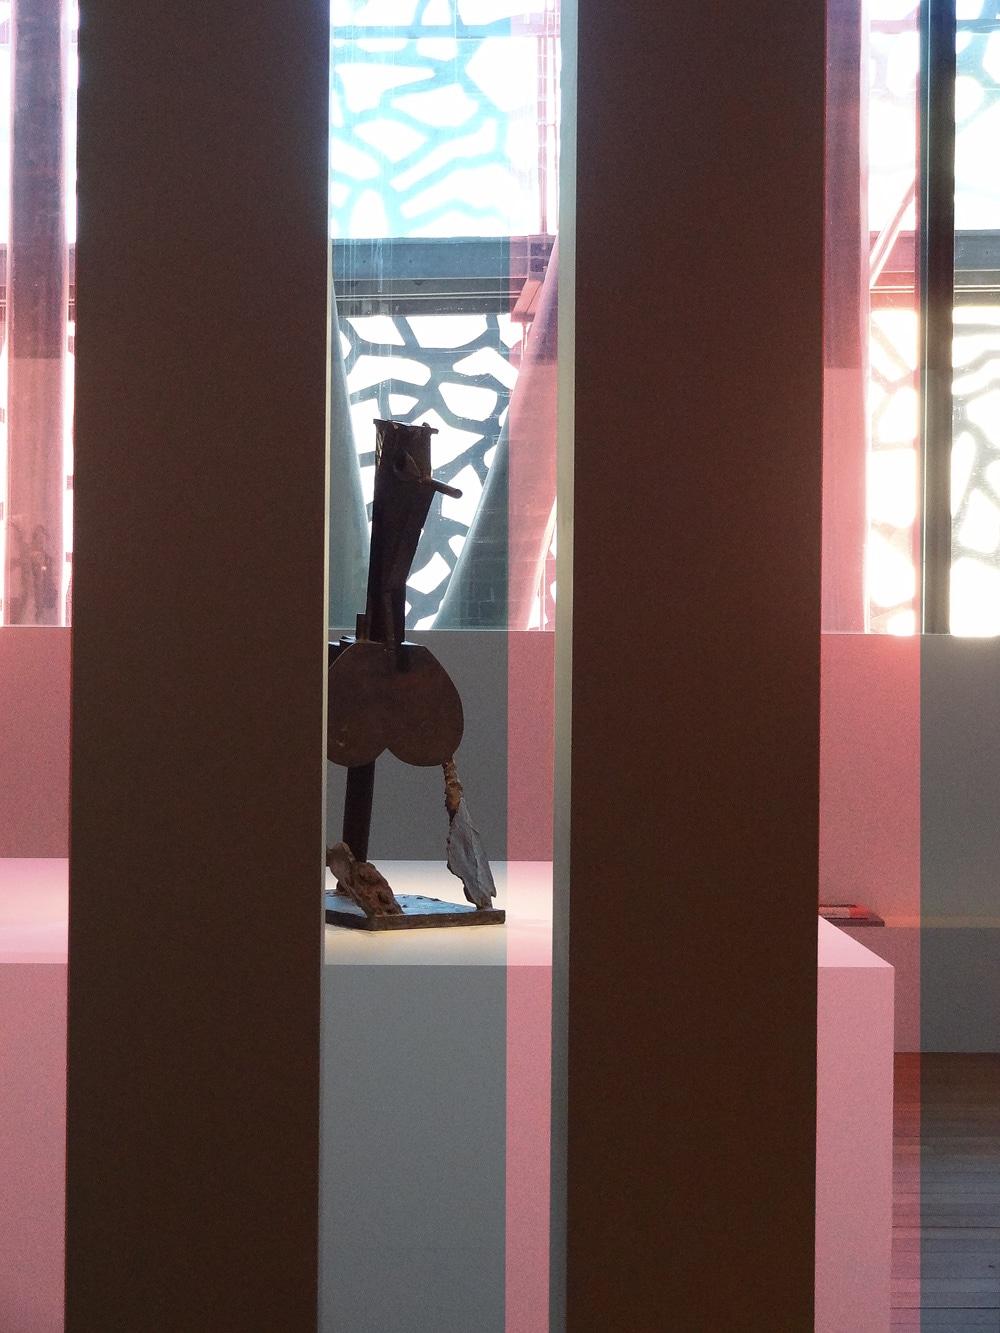 exposition Picasso à Marseille au mucem sculptures